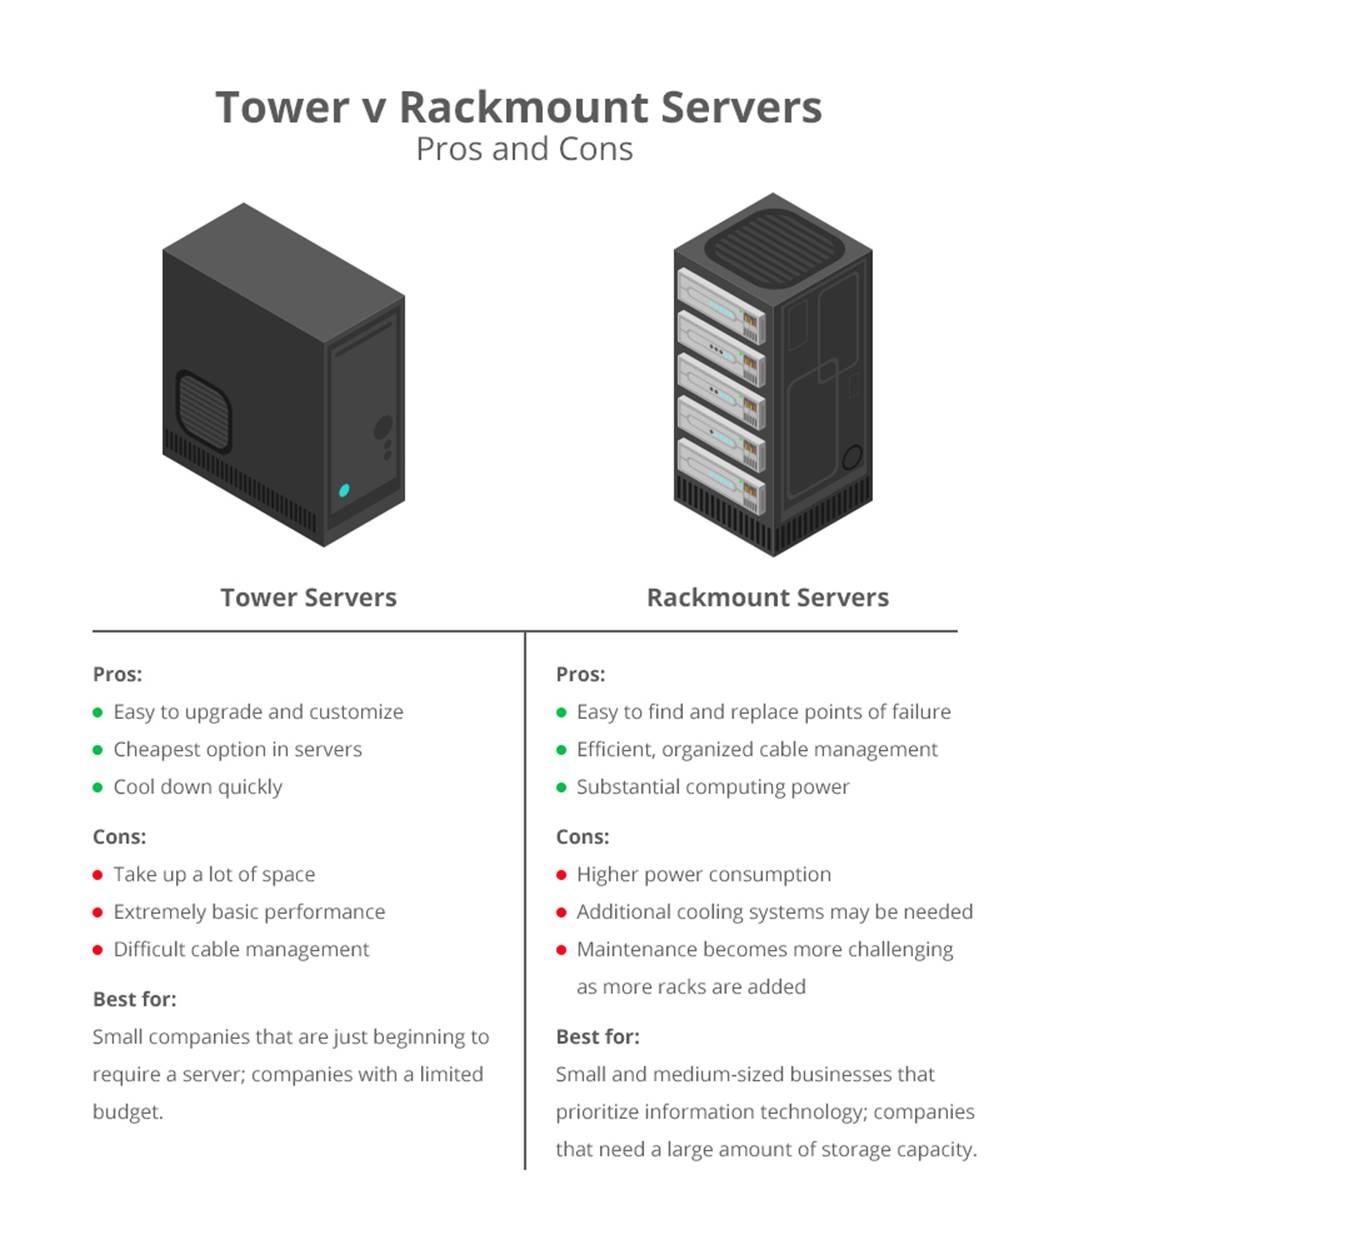 TOWER-V-RACKMOUNT-SERVERS